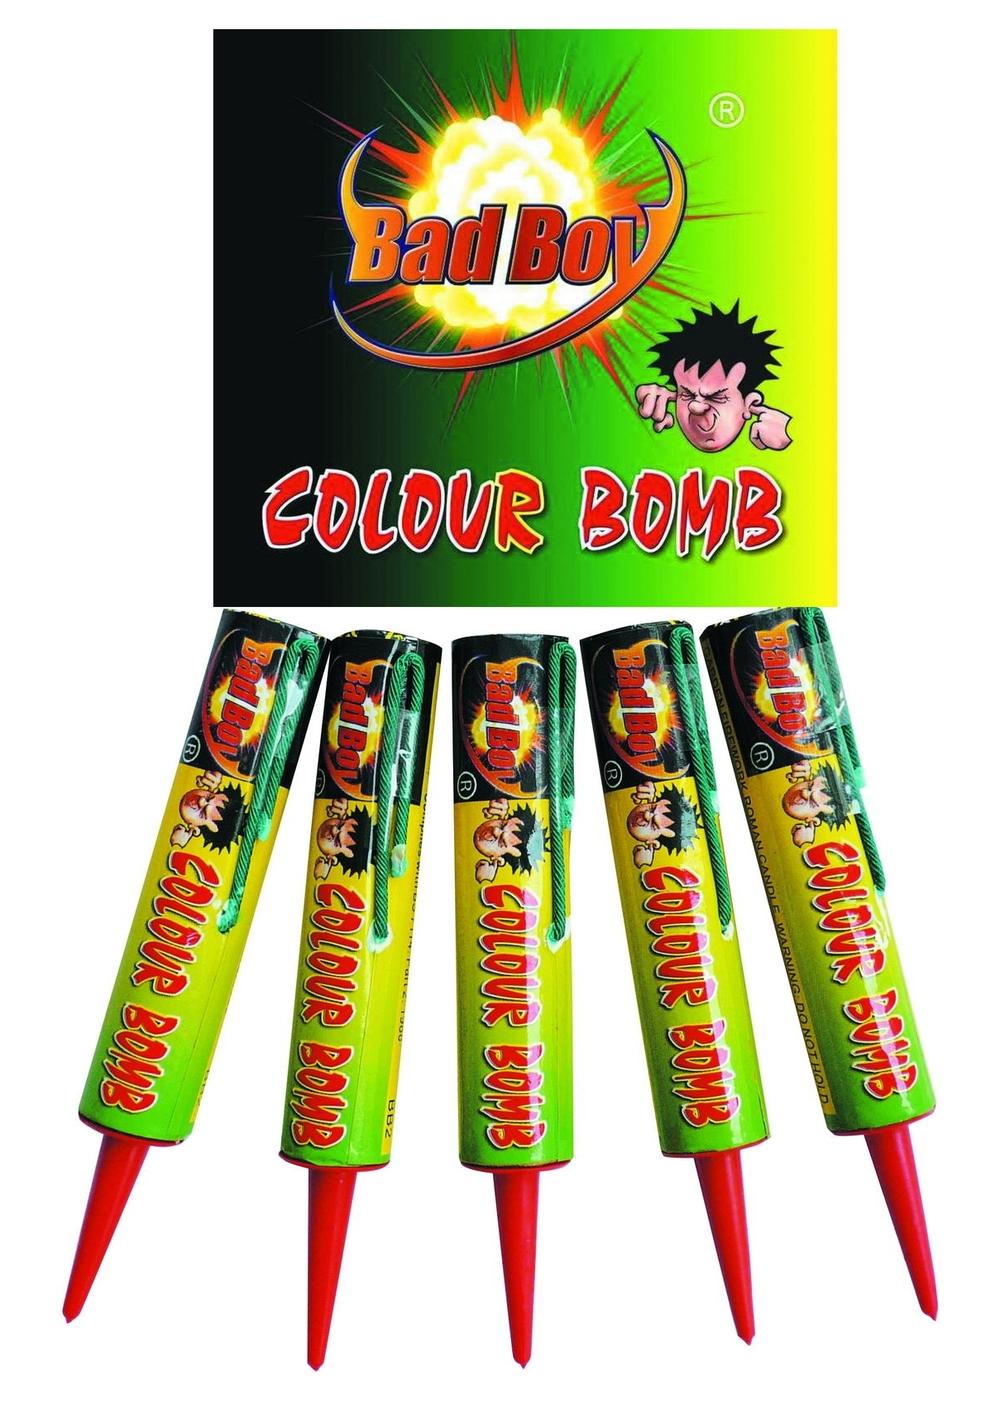 Colour bomb 5pk - RRP £4.49